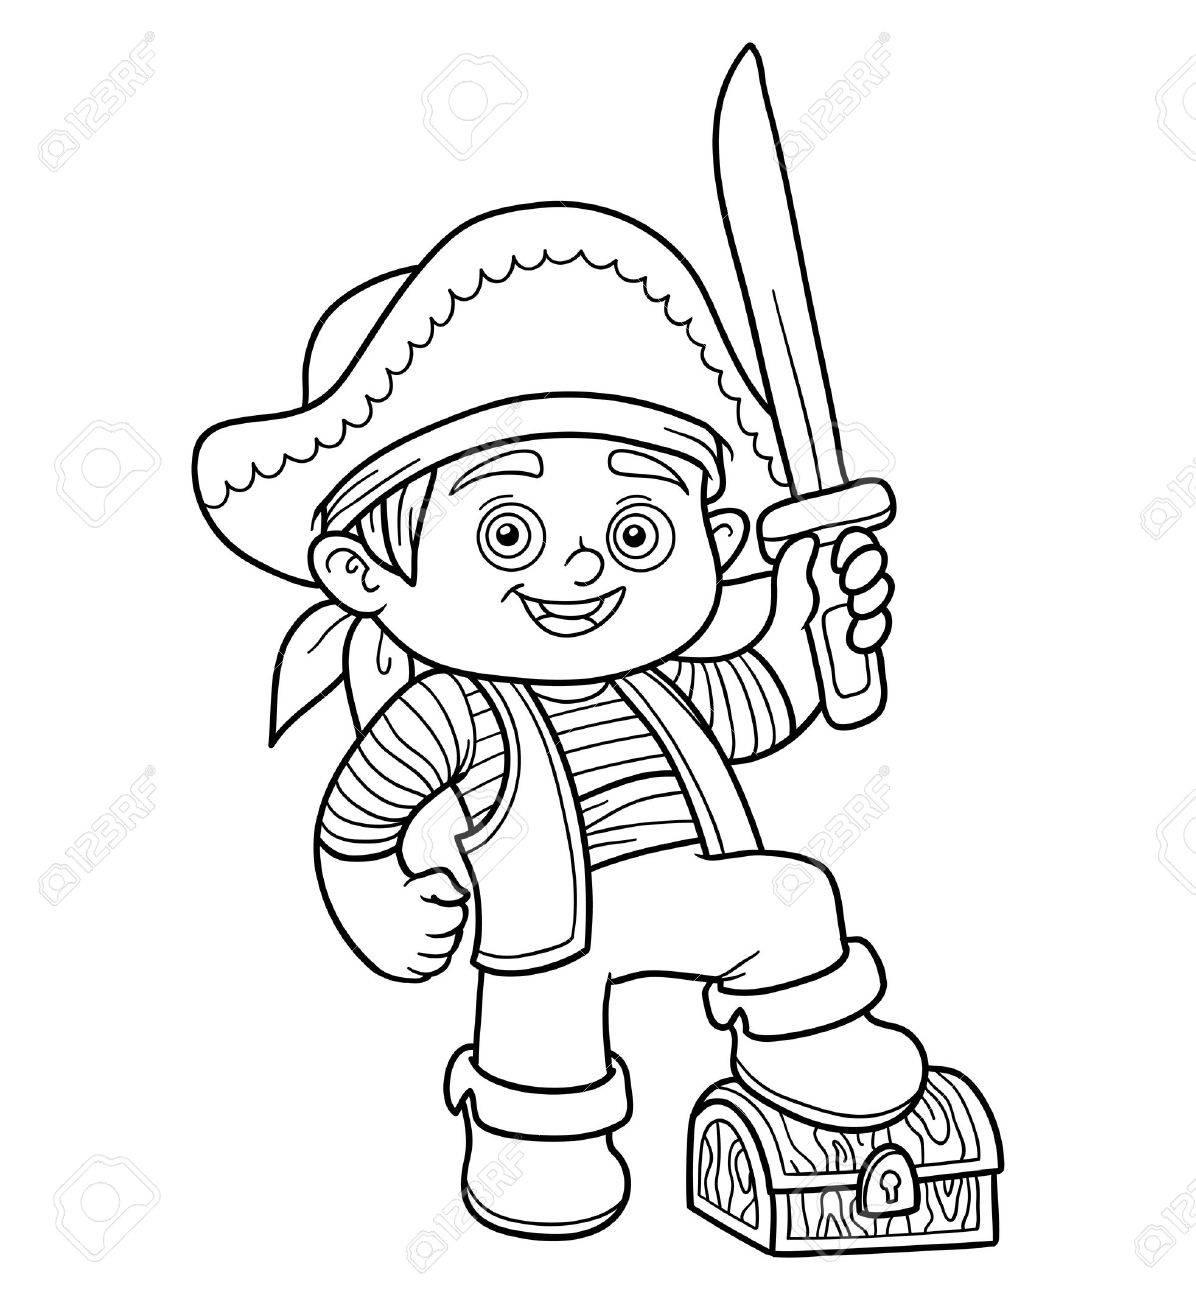 Livre De Coloriage Jeu Educatif Pour Les Enfants Garcon De Pirate Clip Art Libres De Droits Vecteurs Et Illustration Image 49794153